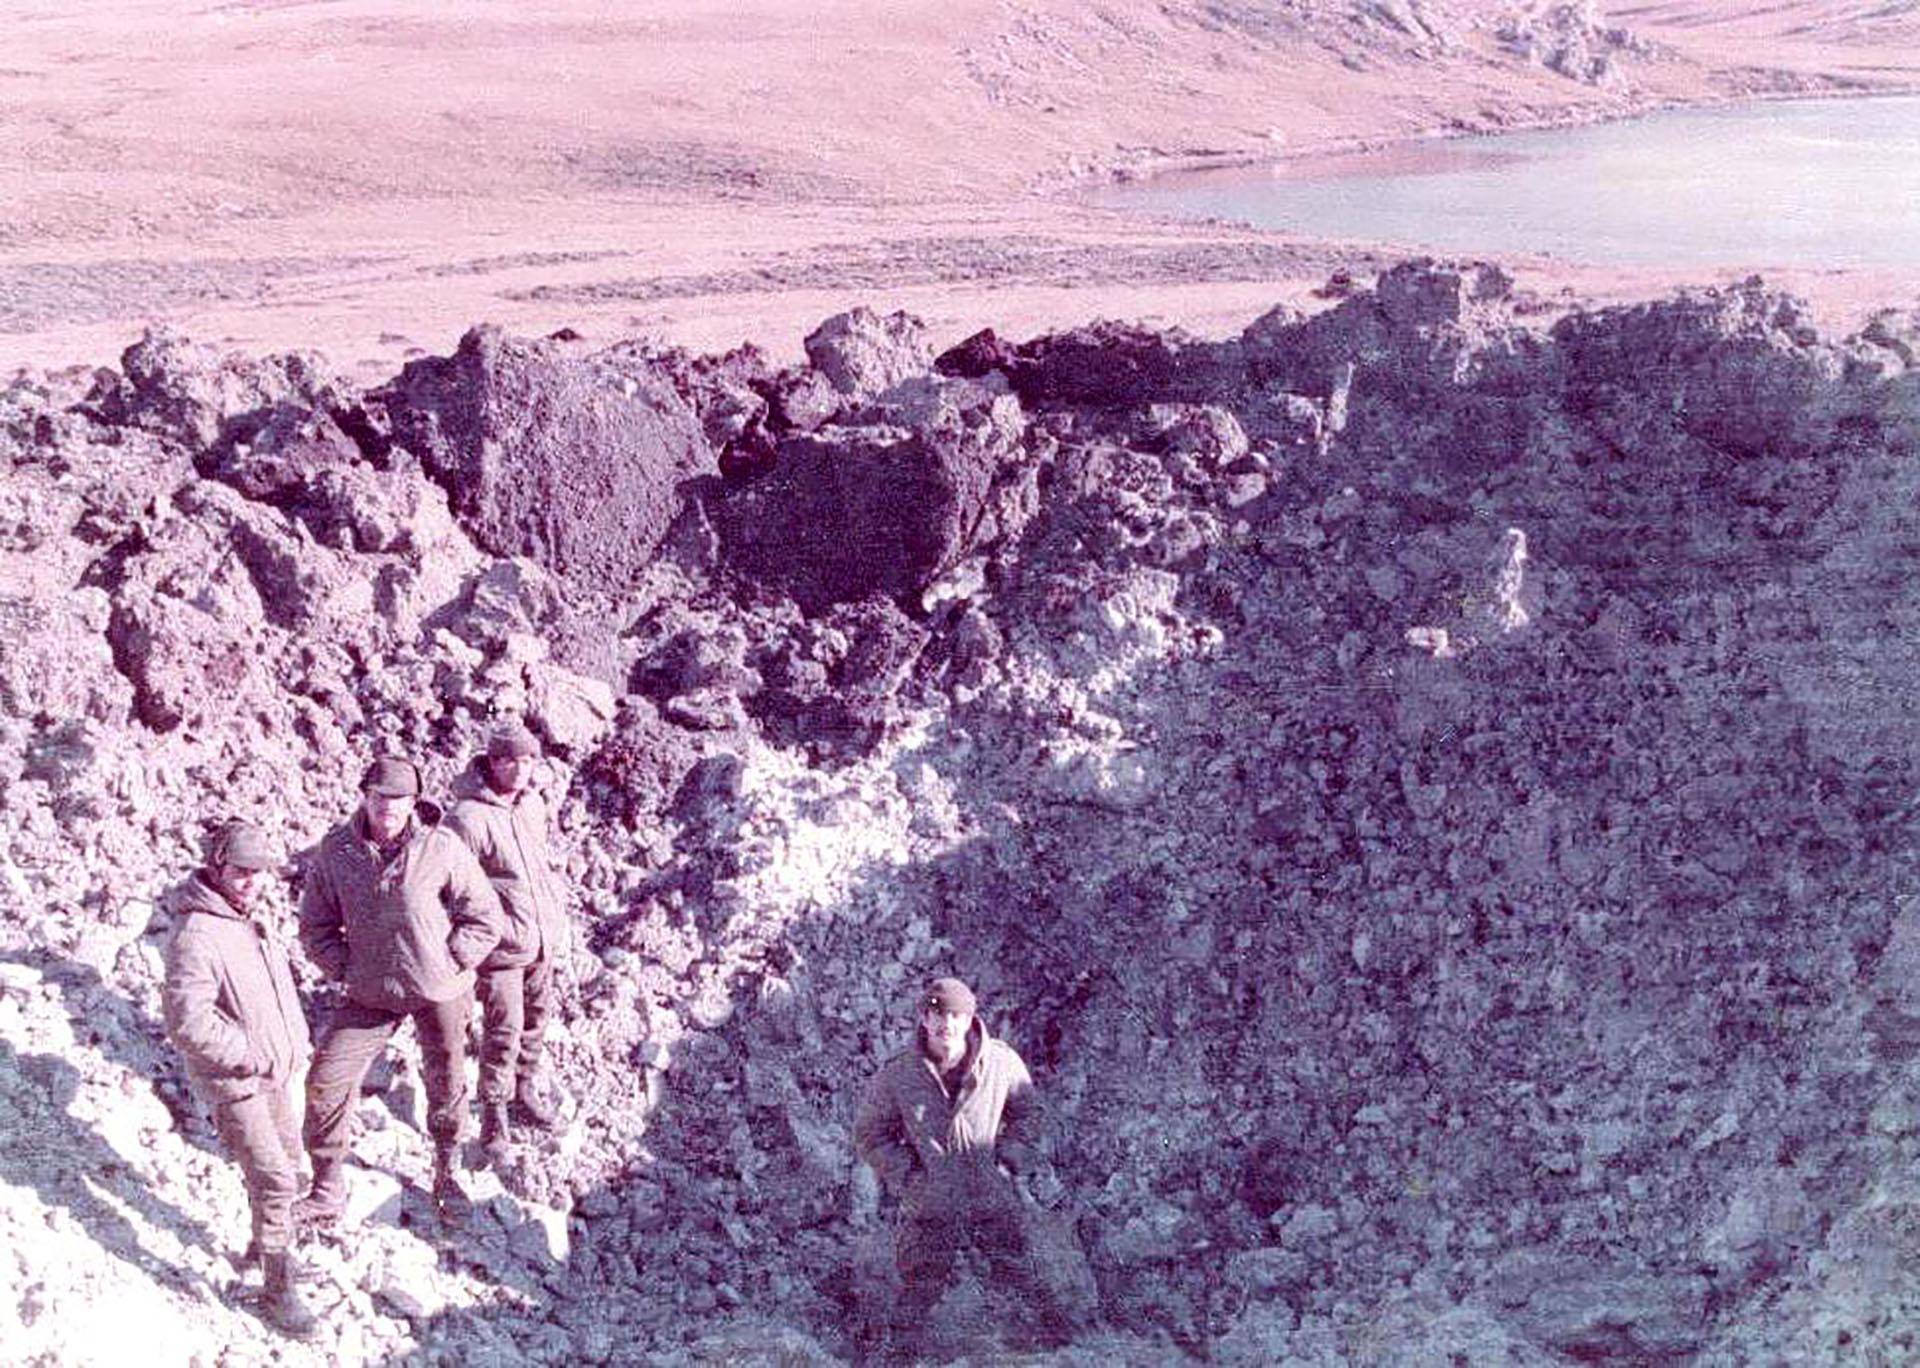 El teniente Arreseigor dentro del gigantesco cráter formado por las bombas lanzadas por la aviación británica